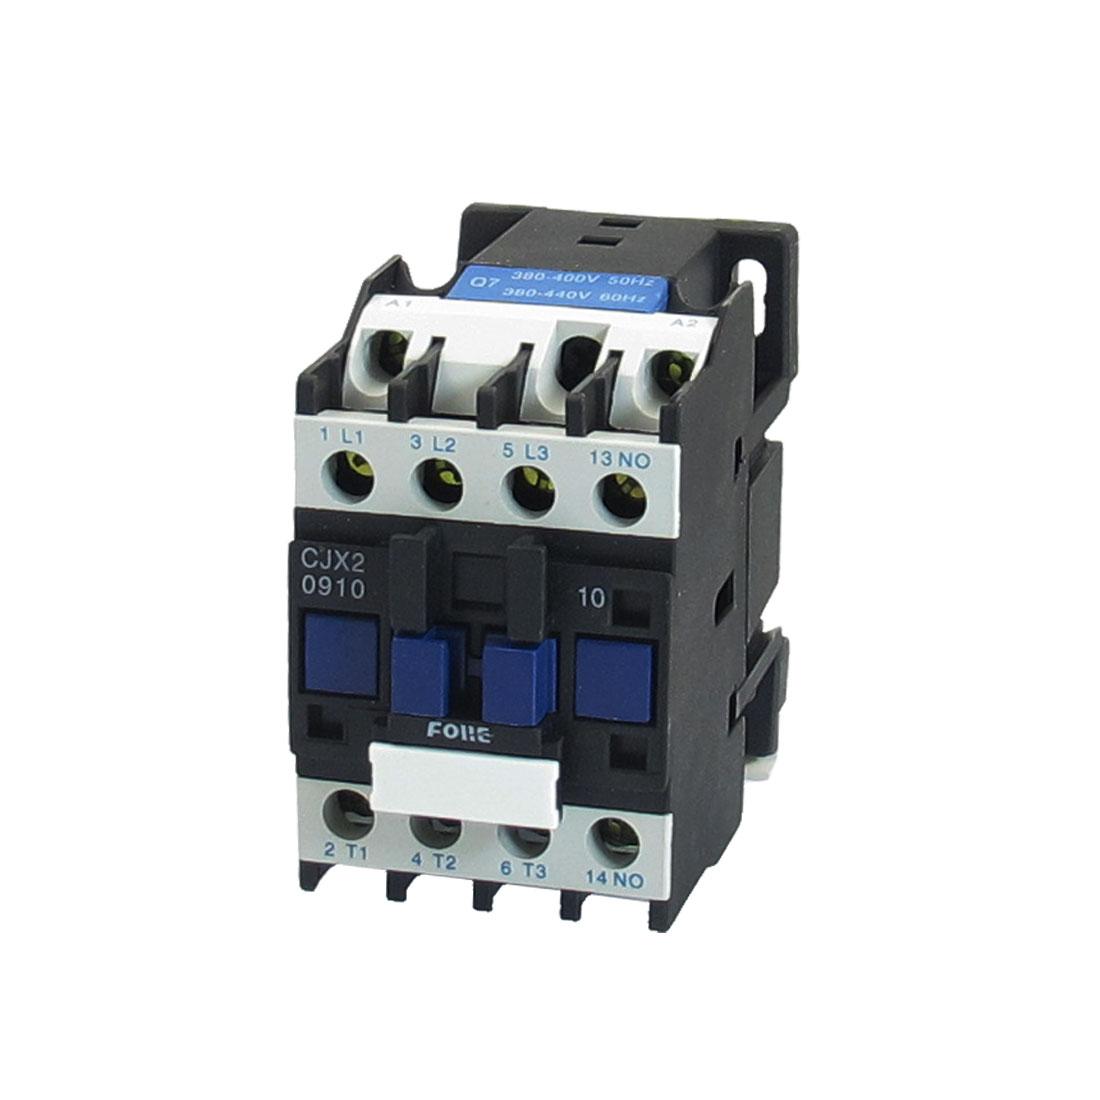 CJX2-0910 220V 9A 2.2KW 3 Poles 3P NO DIN Rail AC Contactor 380-415V Coil